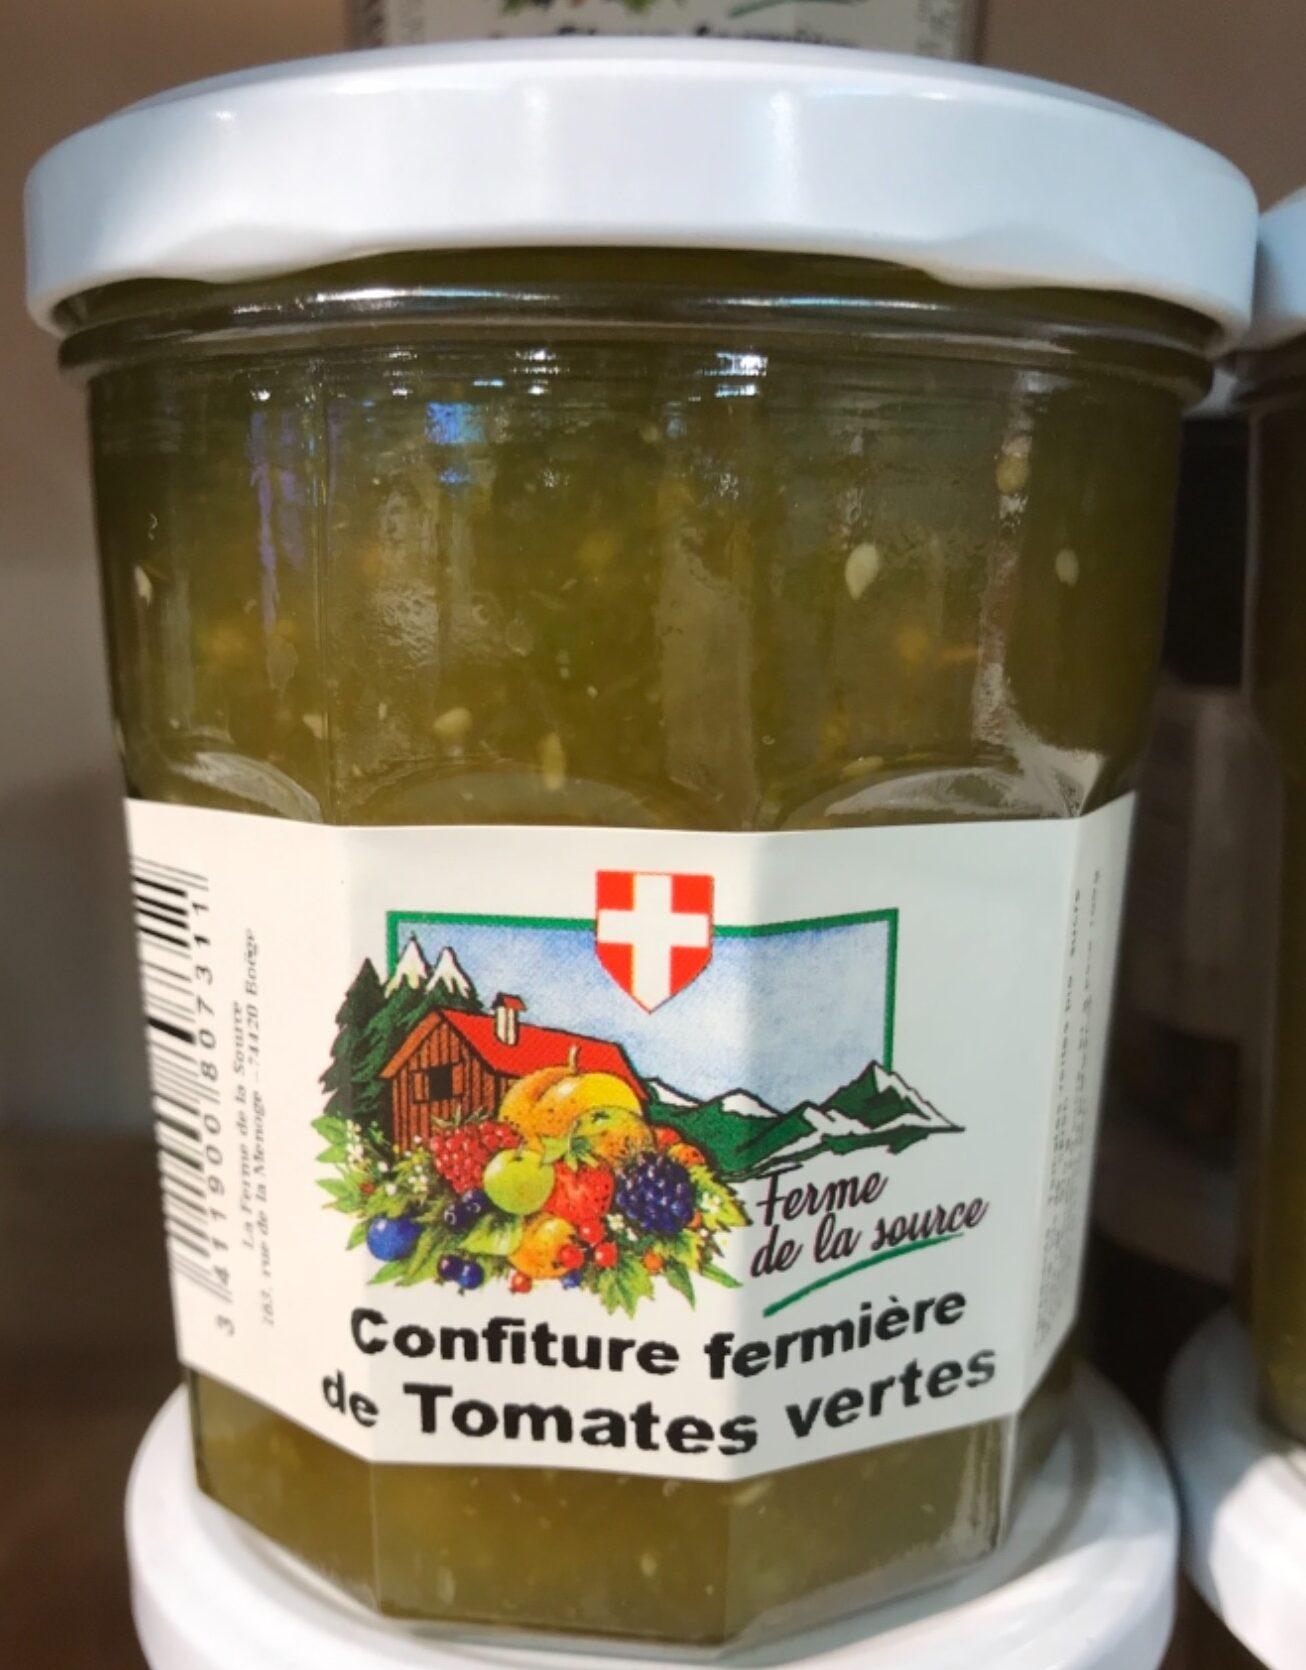 Confiture fermière de tomates vertes - Product